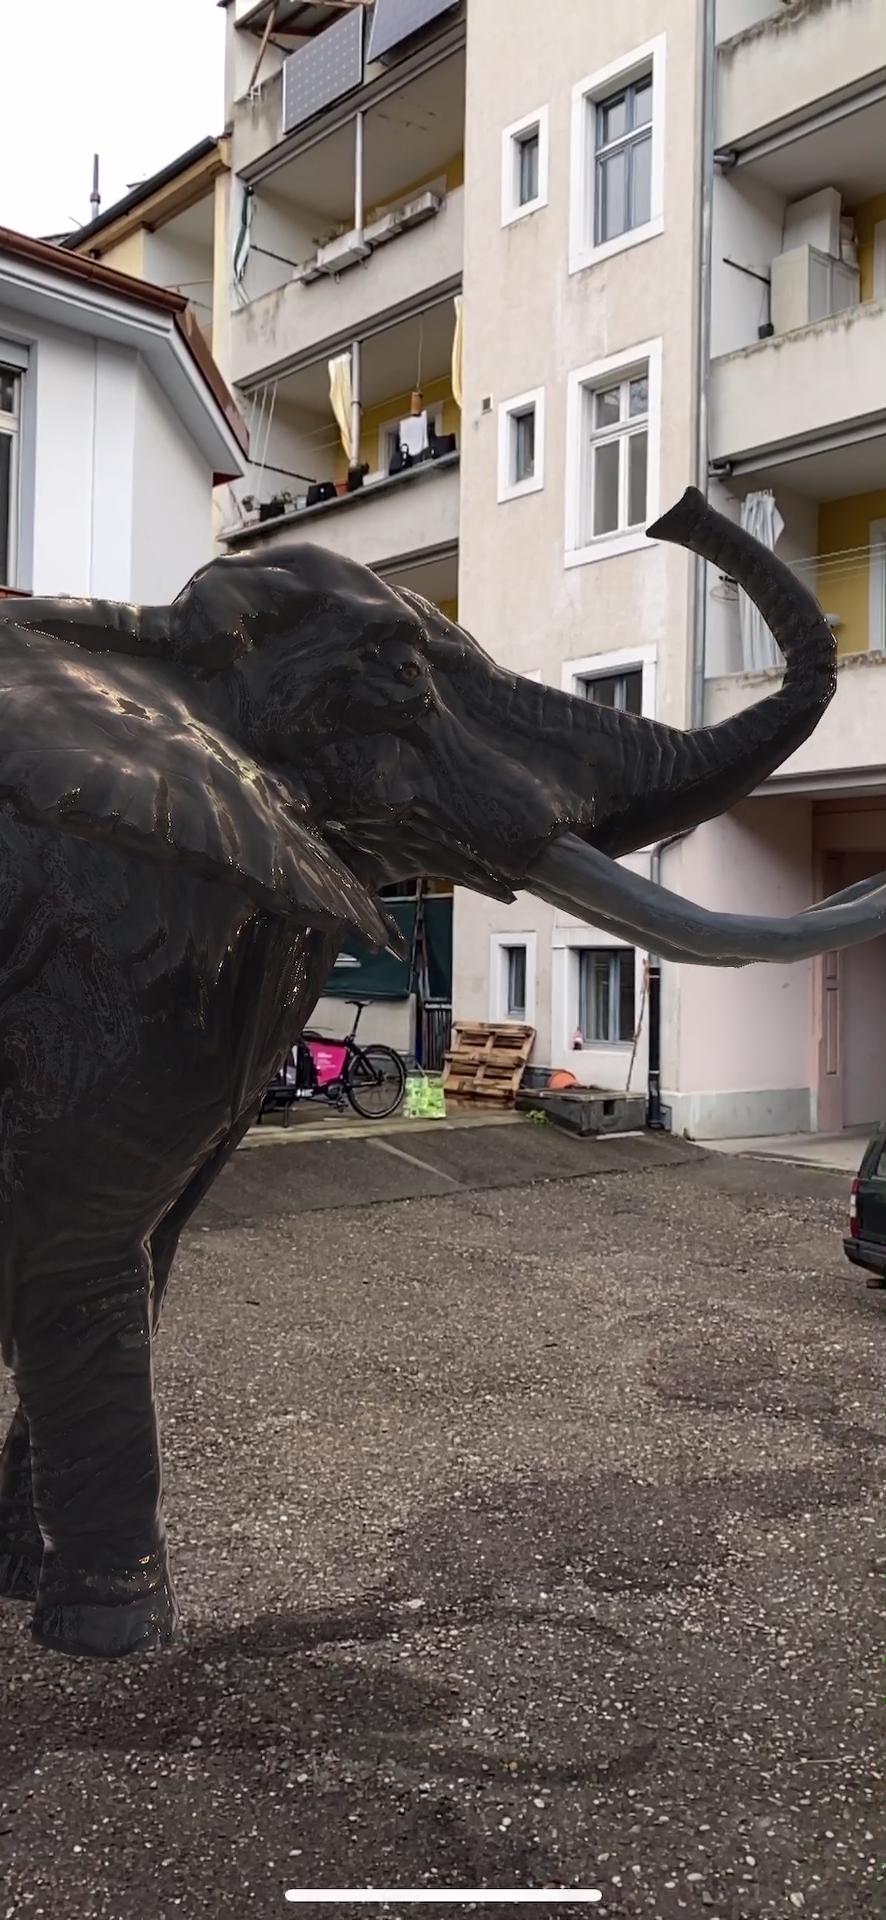 Elefant im Hof original 02